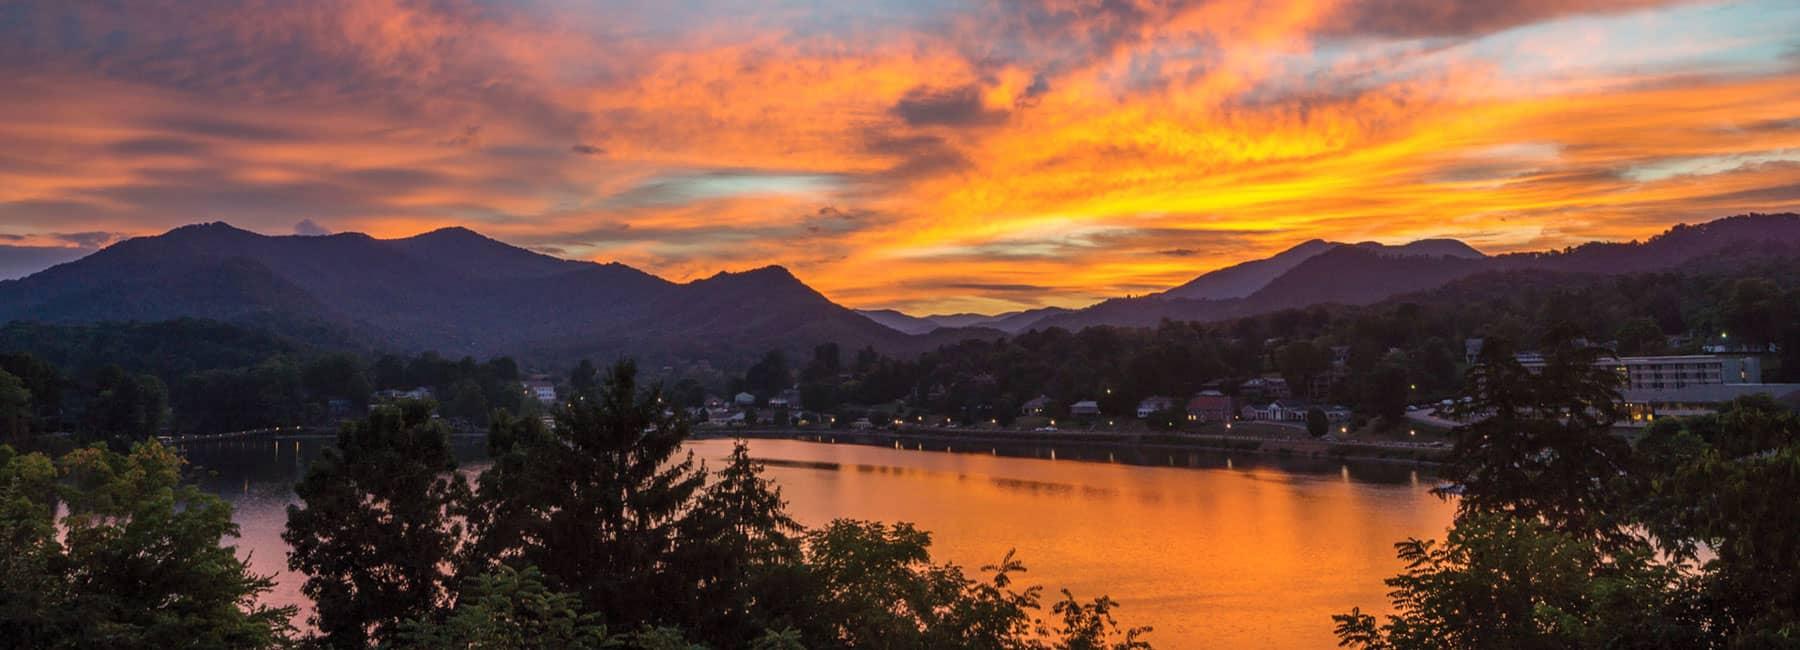 Lake Junaluska Haywood County Things To Do